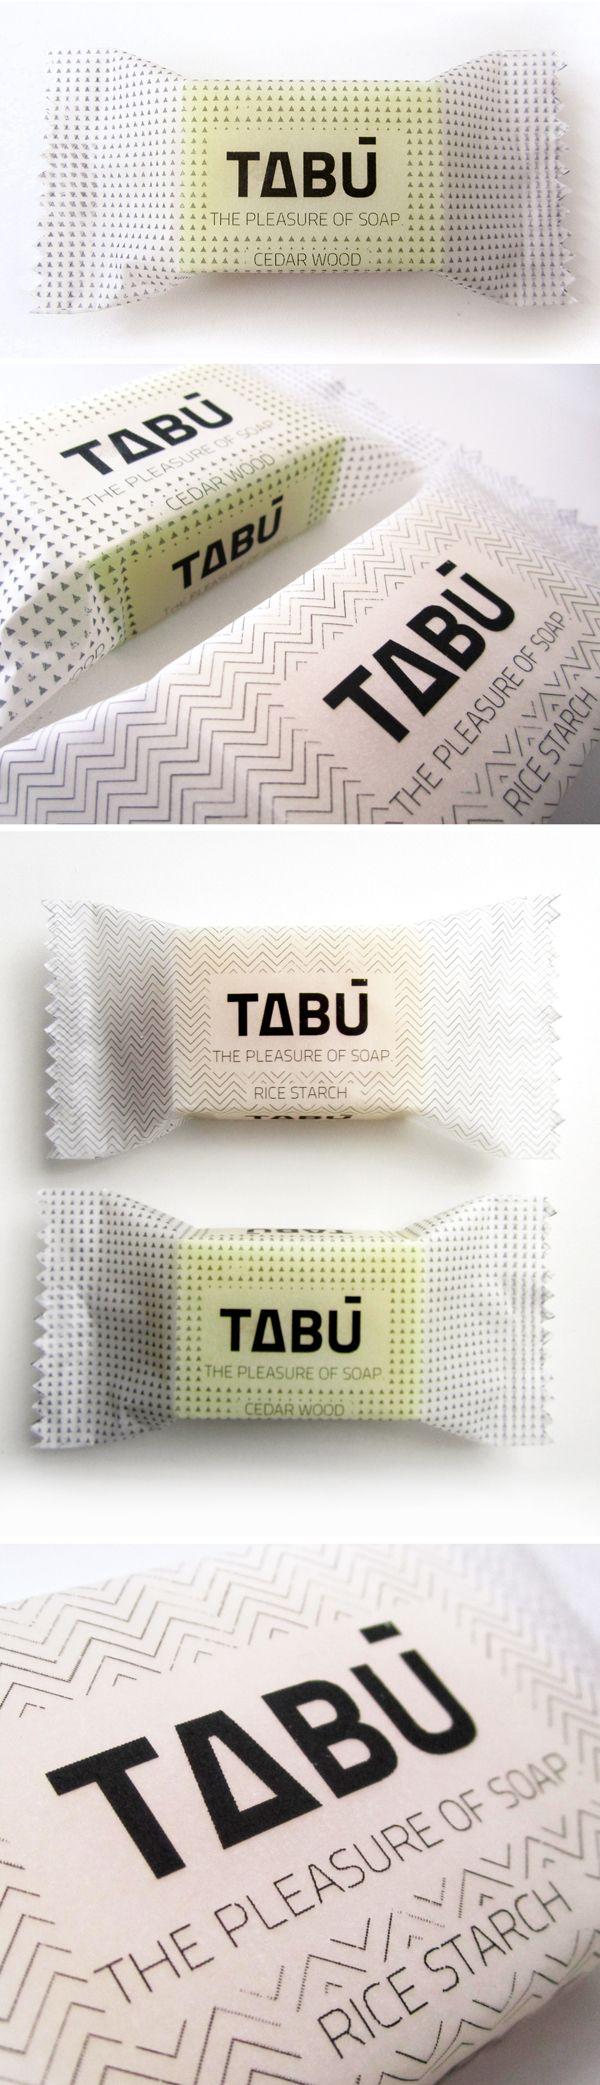 ✖ Tabù soap pinned by DIMA TERROIR MAROC www.maroc-terroir.com